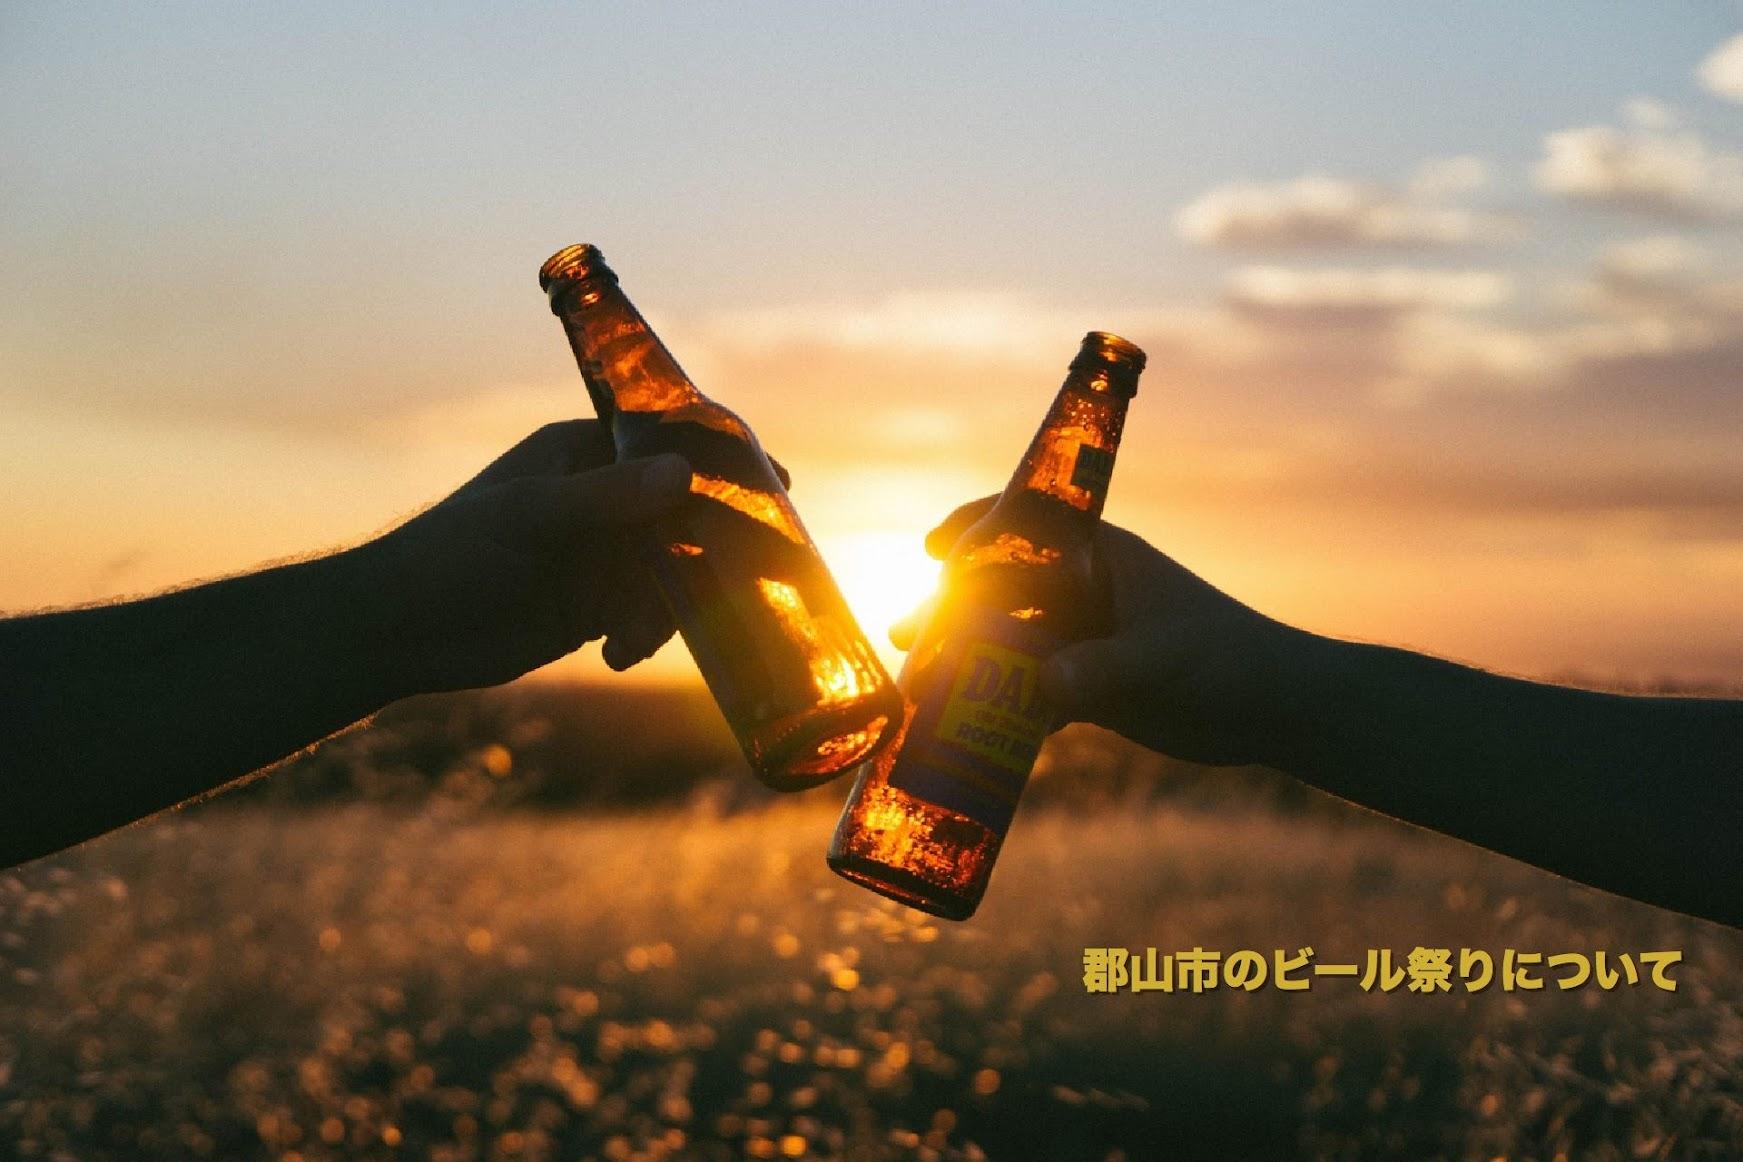 郡山市 の ビール祭り について | サマーフェスタ IN KORIYAMA ビール祭り